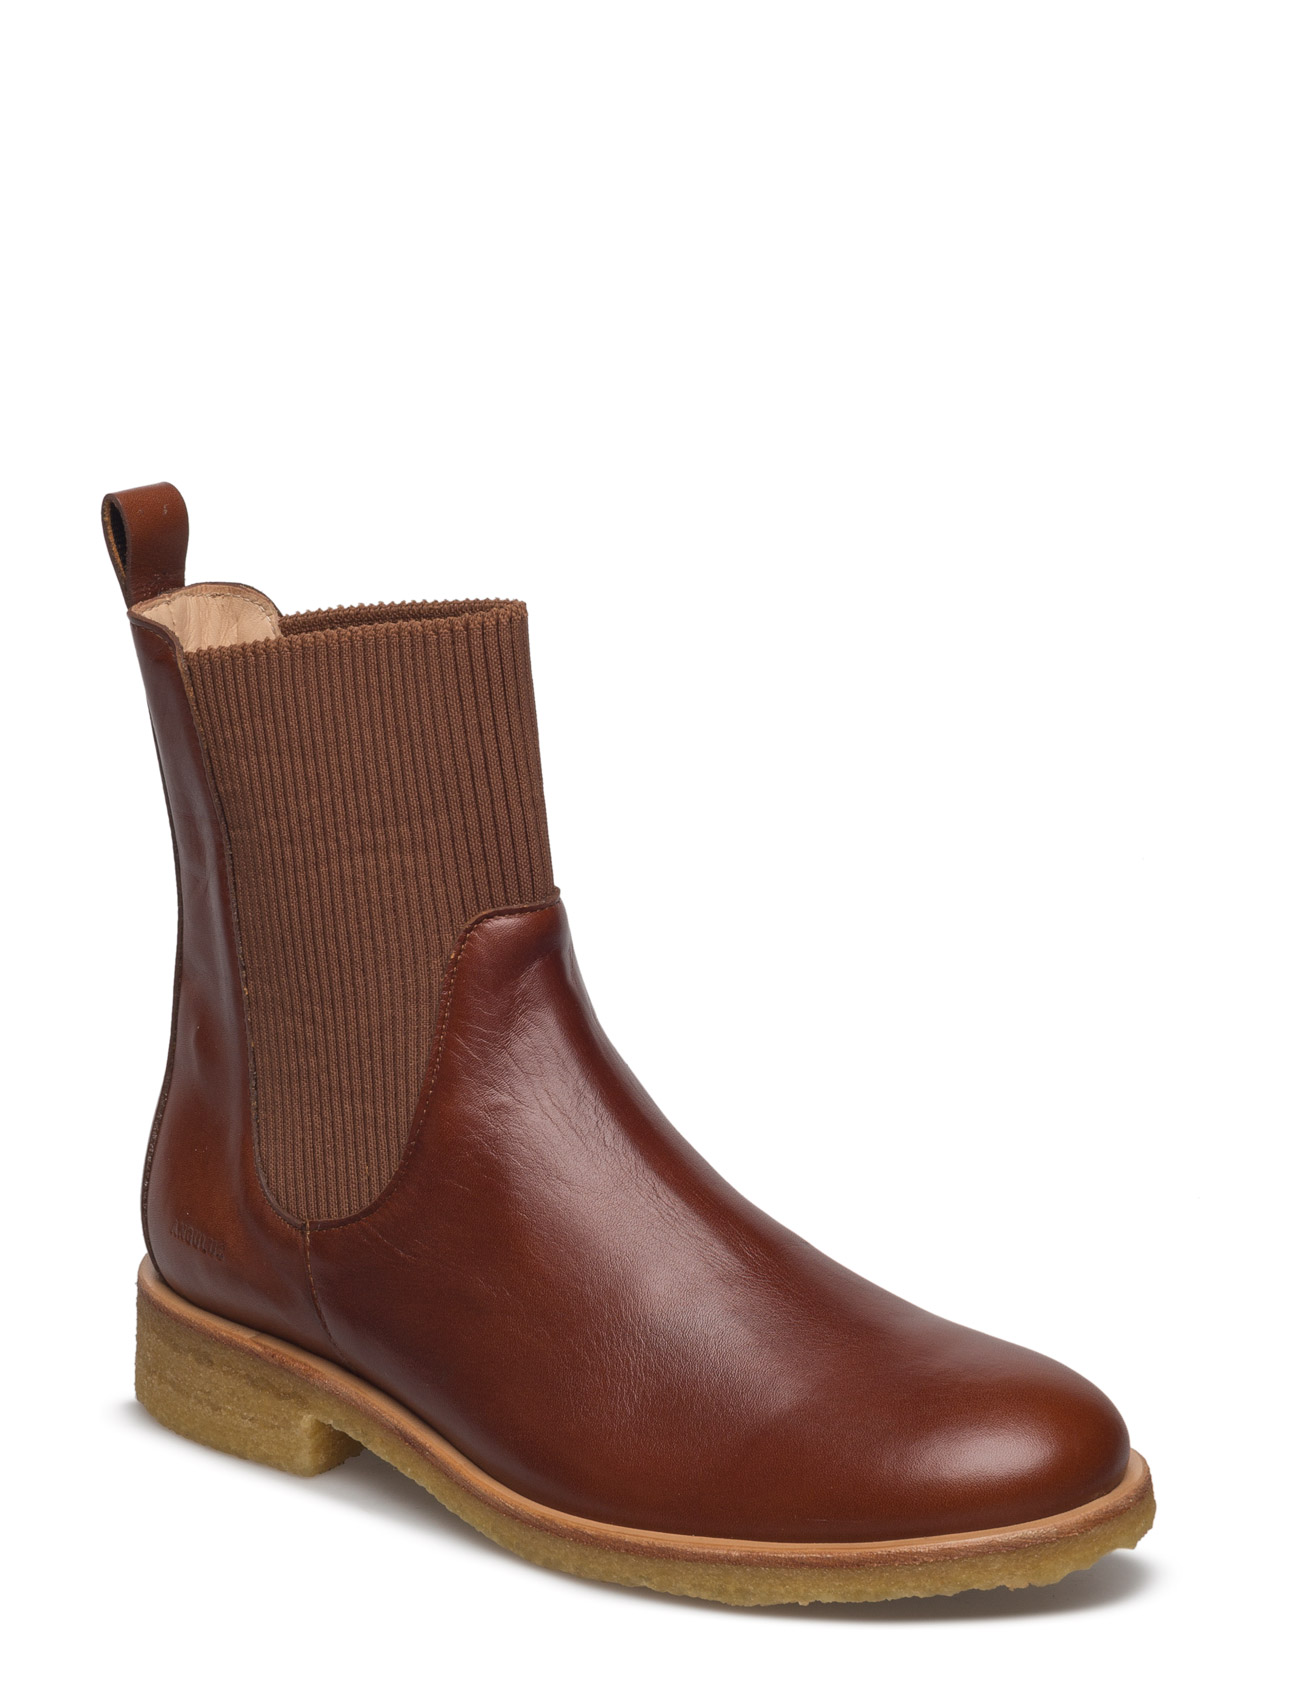 7317 ANGULUS Støvler til Damer i